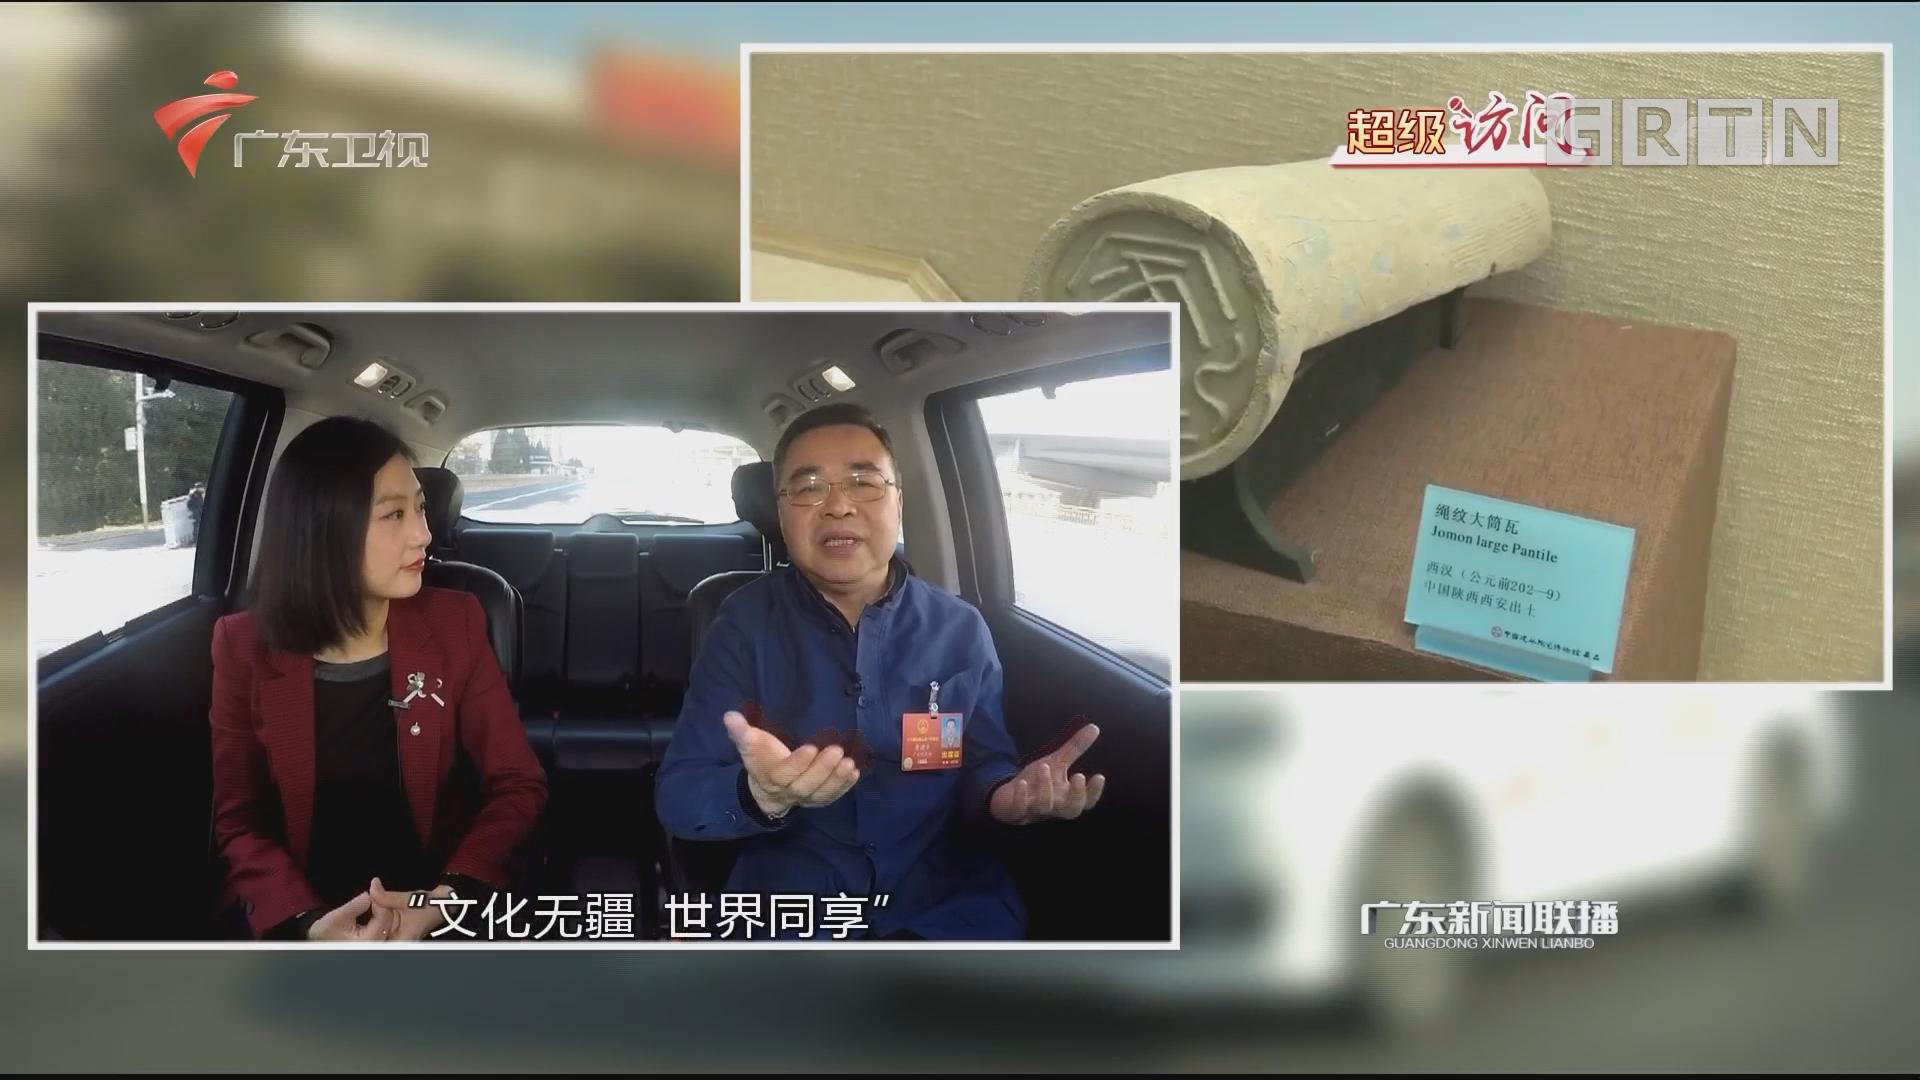 黄建平:以党建文化引领民企文化建设